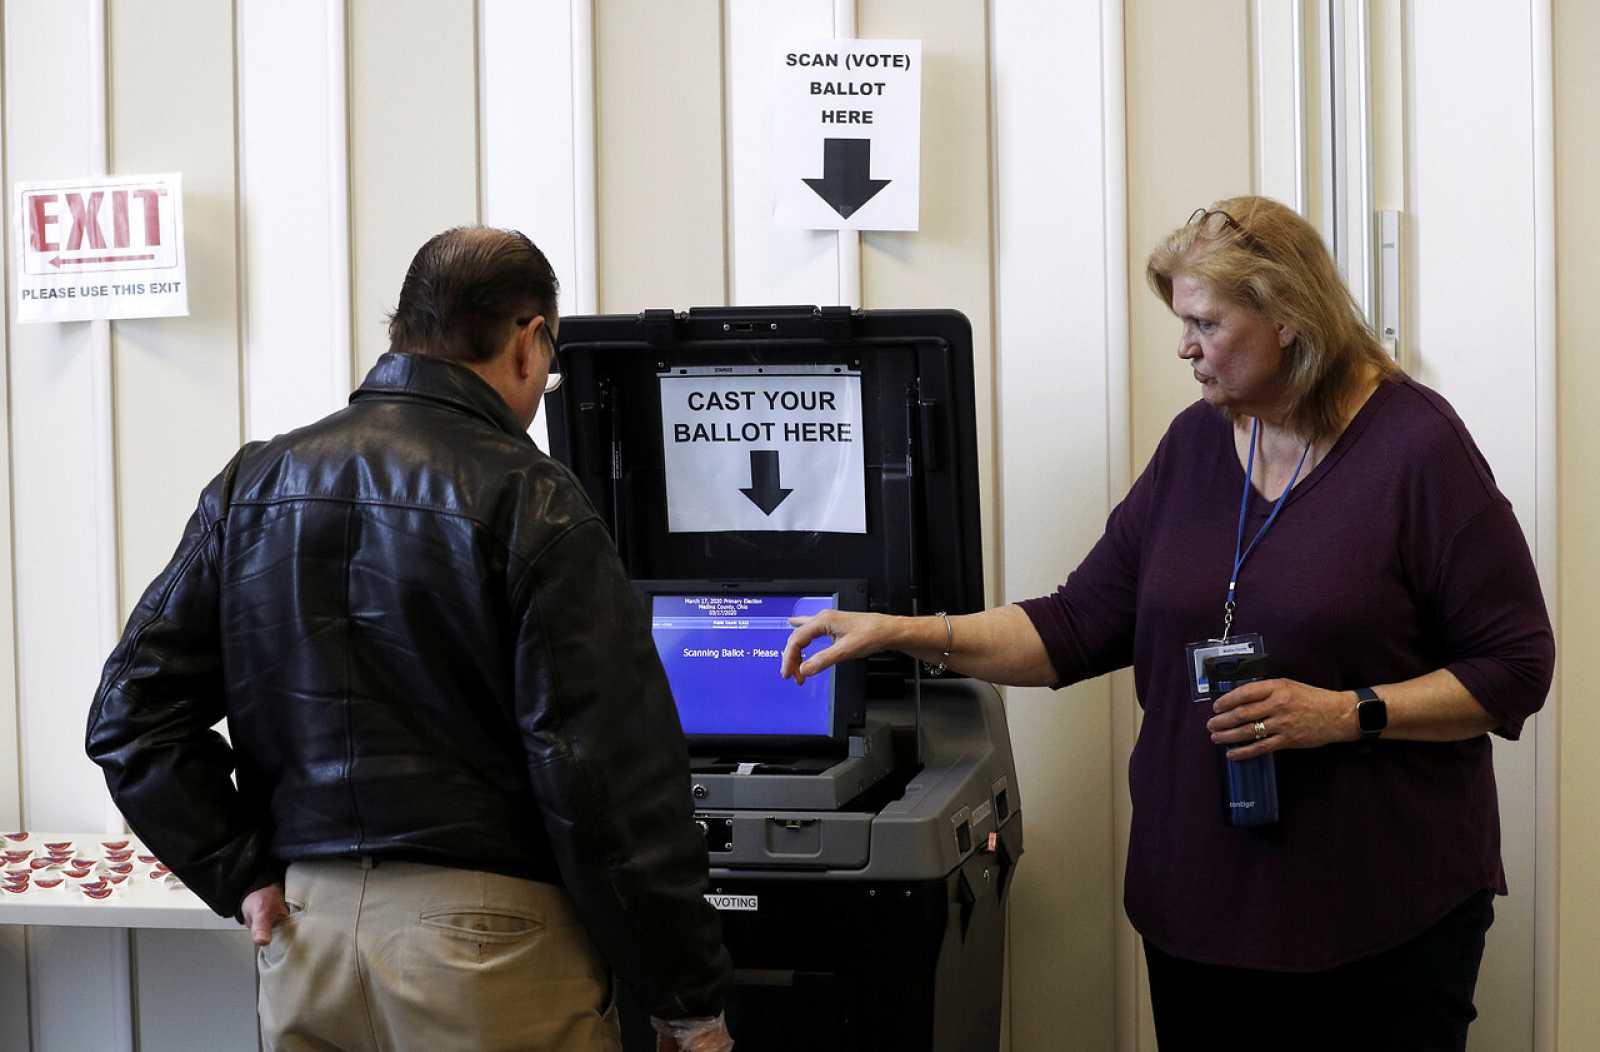 Una voluntaria ayuda a un hombre a emitir su voto anticipado en Medina, Ohio